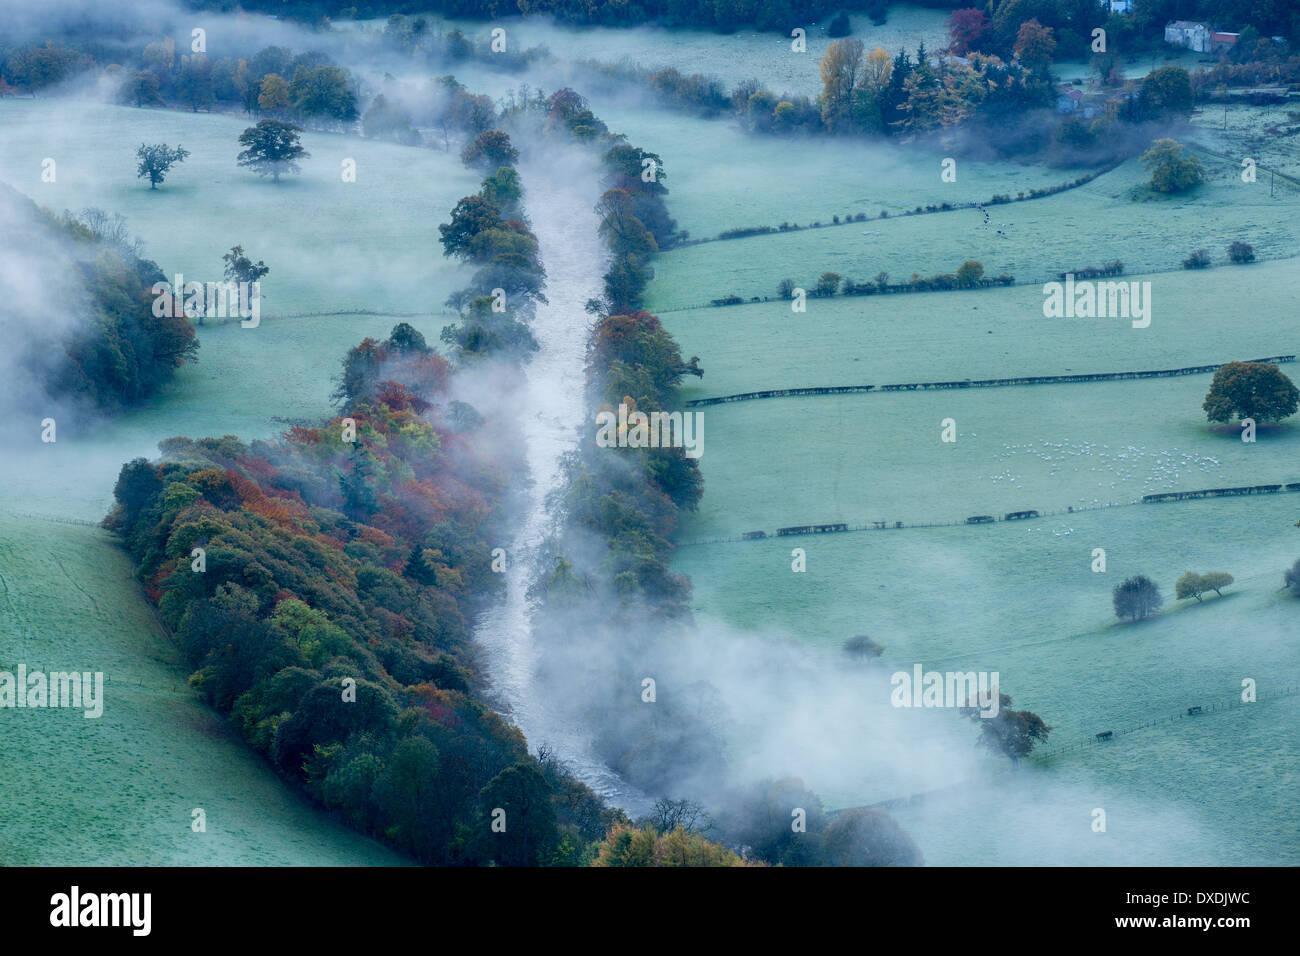 I colori autunnali e la nebbia nella Dee Valley (Dyffryn Dyfrdwy) nelle vicinanze del Llangollen, Denbighshire, Galles Immagini Stock